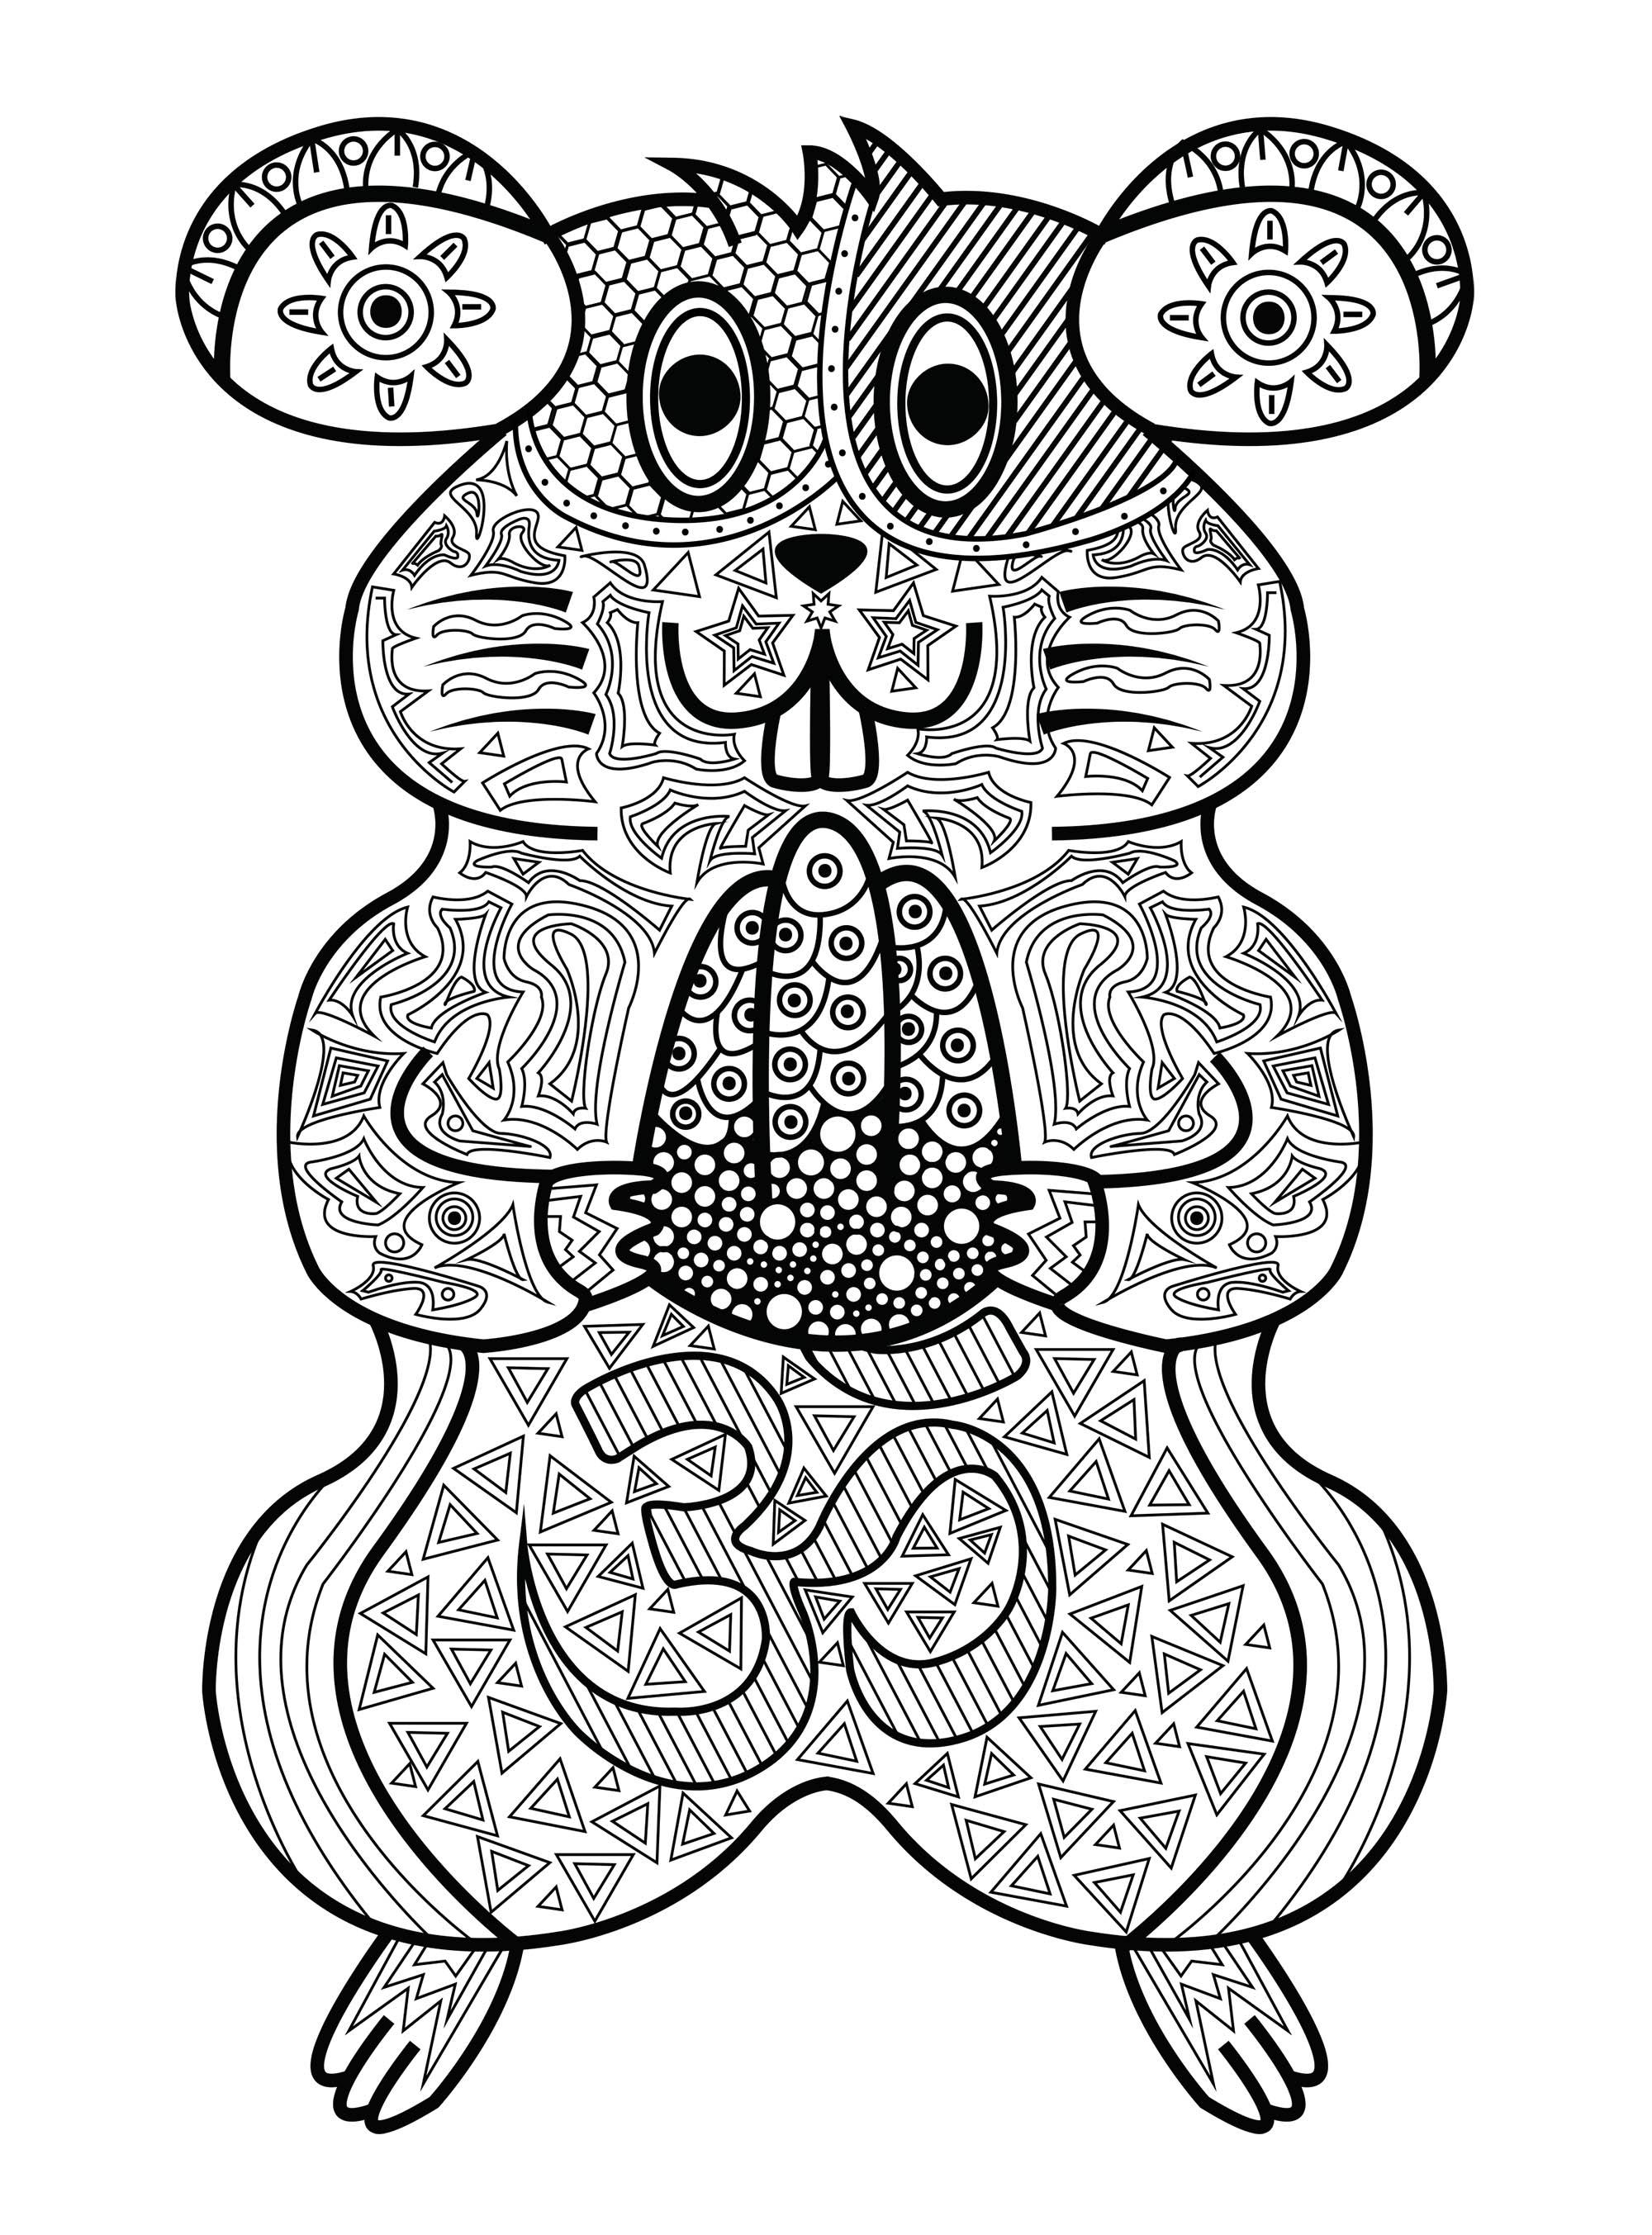 Ardillas y marmotas 62298 - Ardillas Y Marmotas - Colorear para Adultos